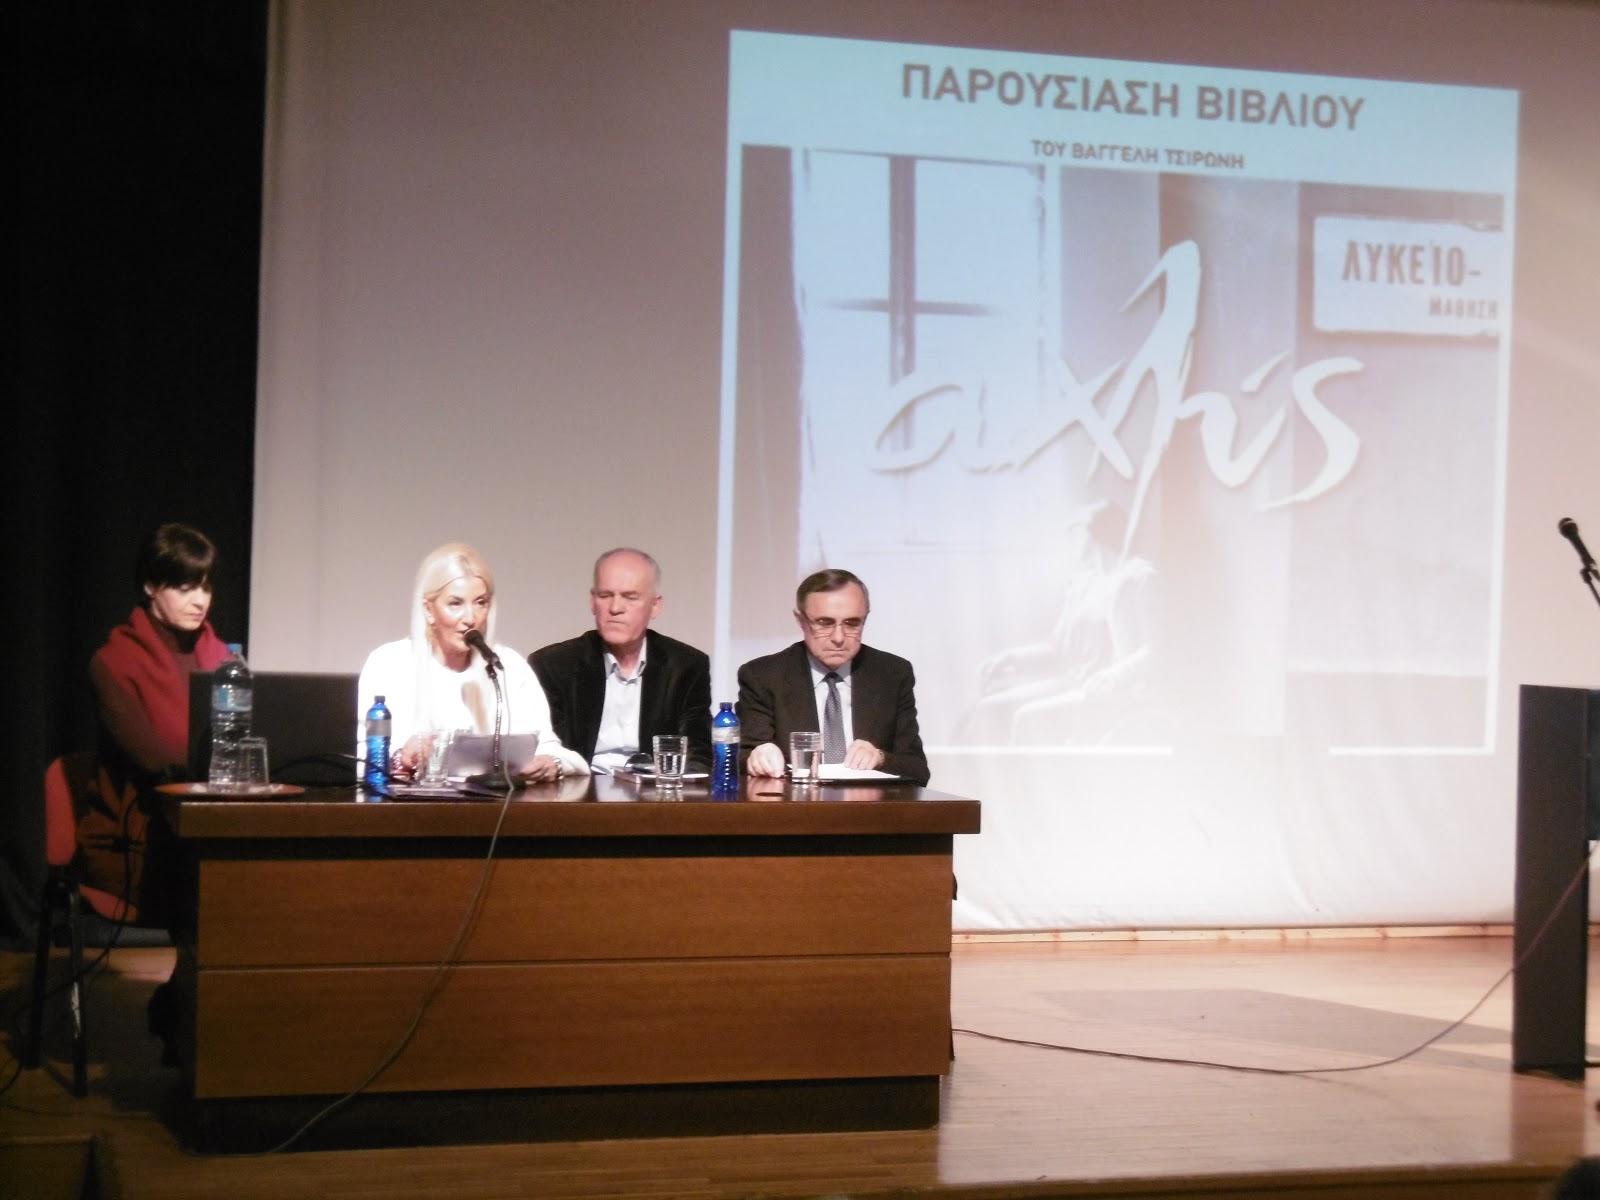 Ιωάννινα:Ευχαριστίες  του Β. Τσιρώνη για την εκδήλωση   παρουσίασης του βιβλίου του «αχλύς»